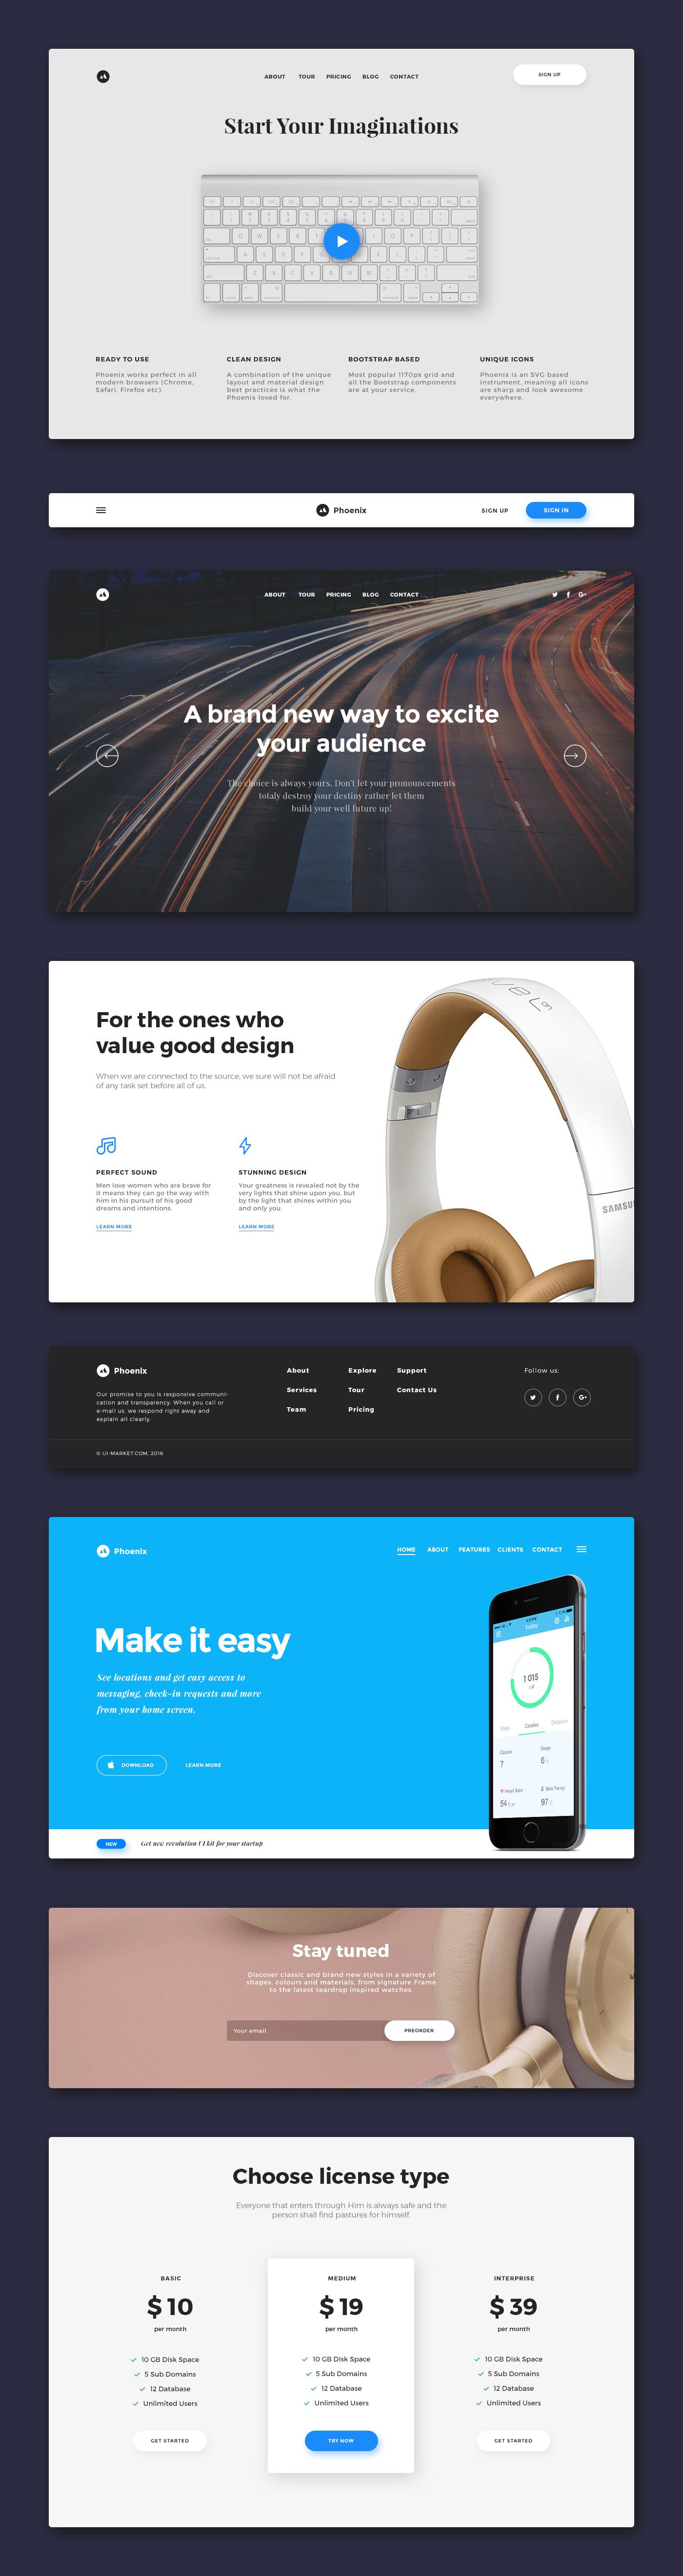 phoenix-startup-ui-kit-free-samples